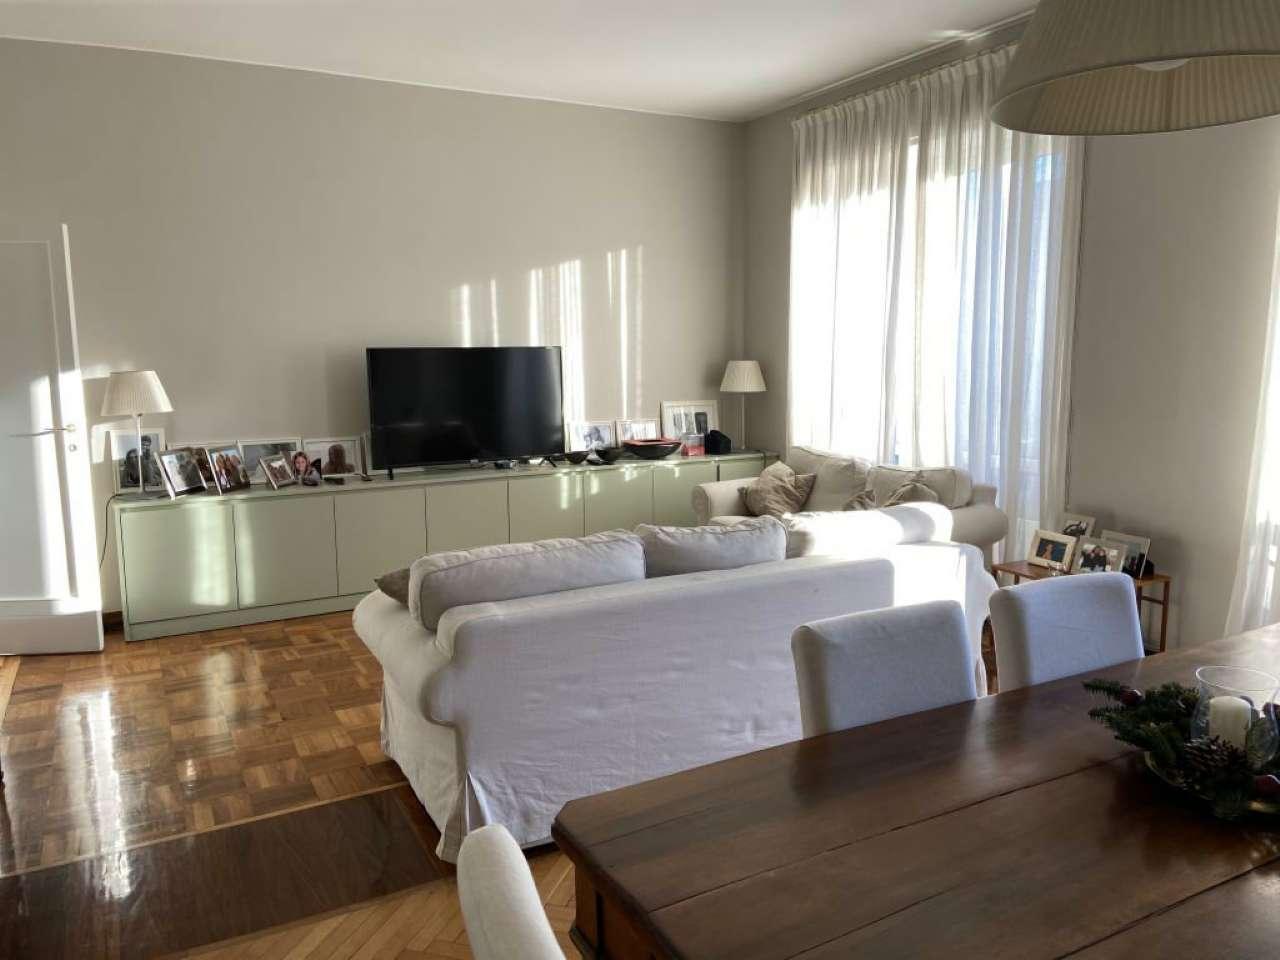 Appartamento in Affitto a Milano 06 Italia / Porta Romana / Bocconi / Lodi: 4 locali, 150 mq